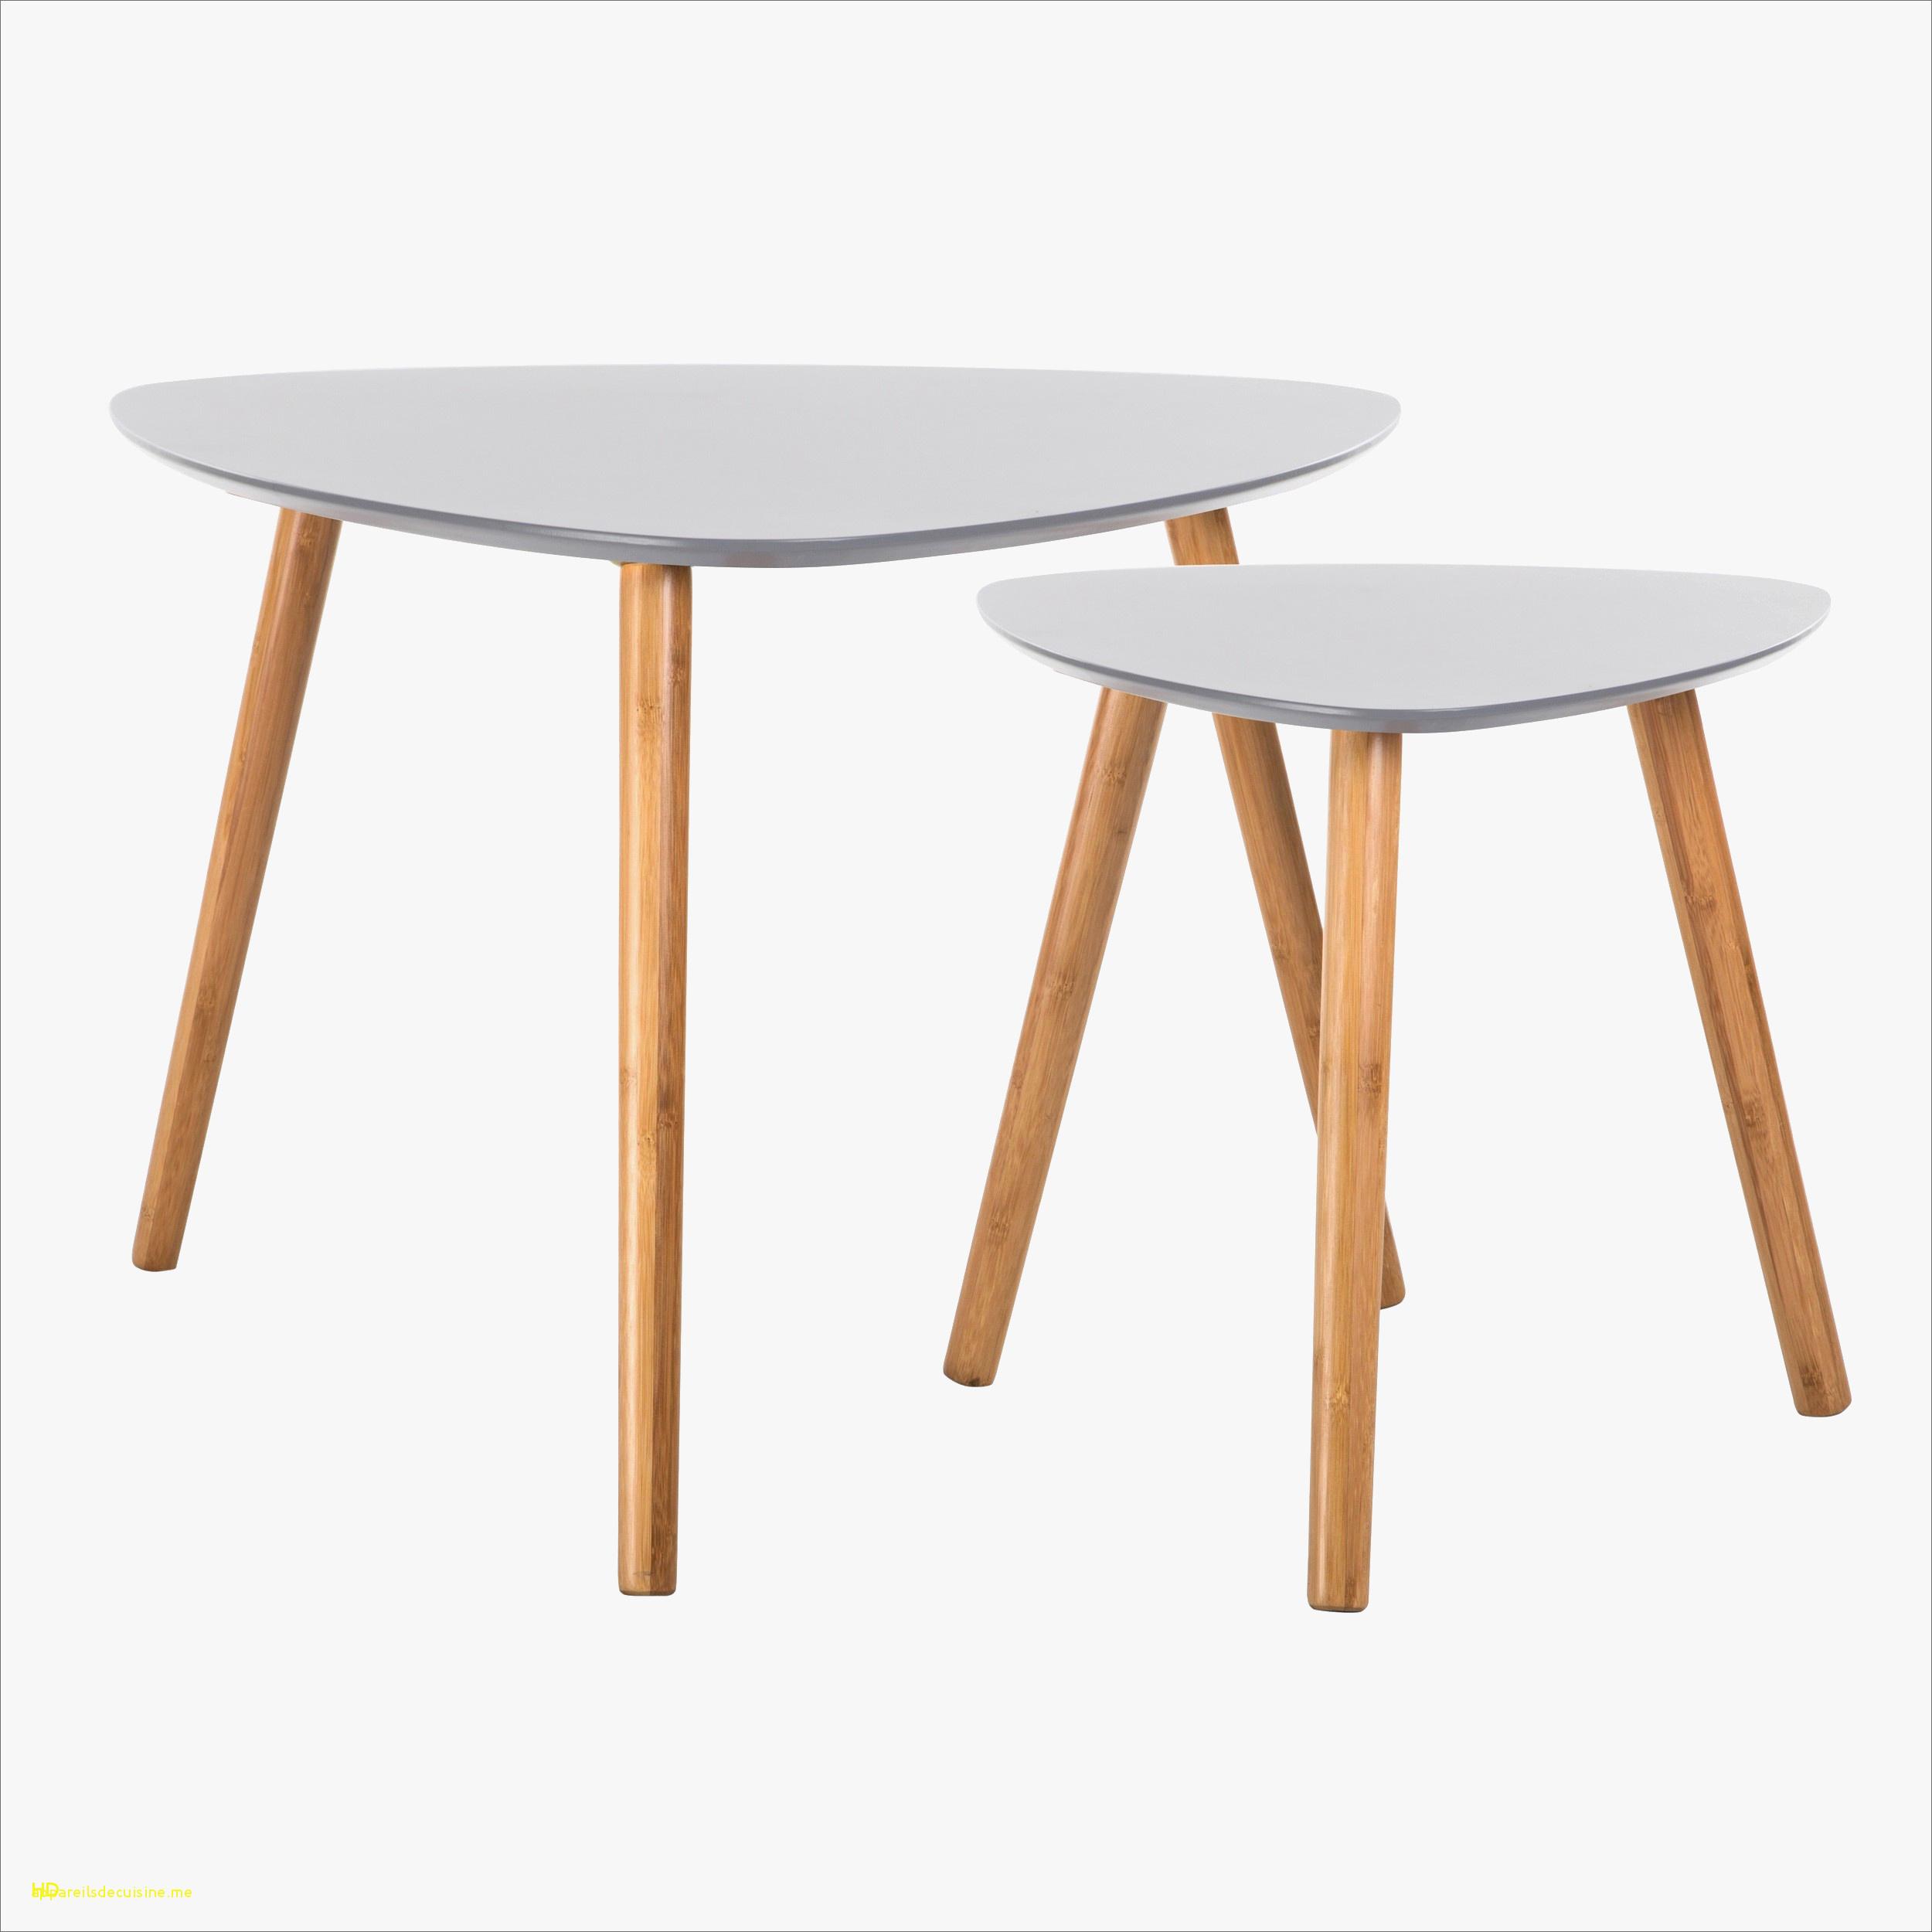 table ovale extensible nouveau luxe table bois 0d archives thesche impressionnant de table de of table ovale extensible